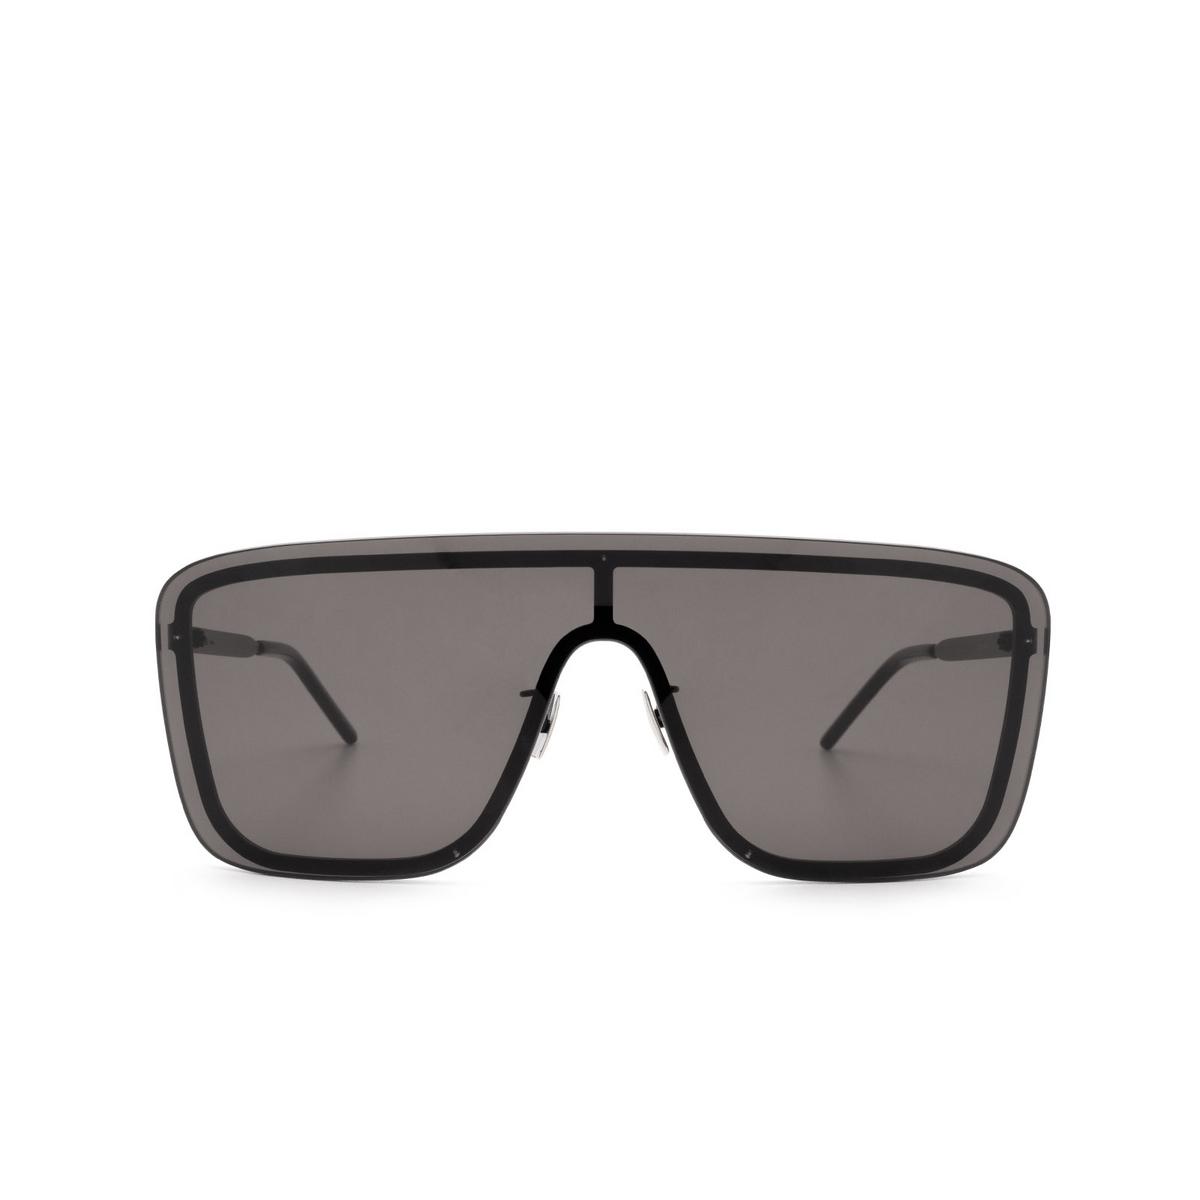 Saint Laurent® Mask Sunglasses: SL 364 MASK color Black 002 - front view.